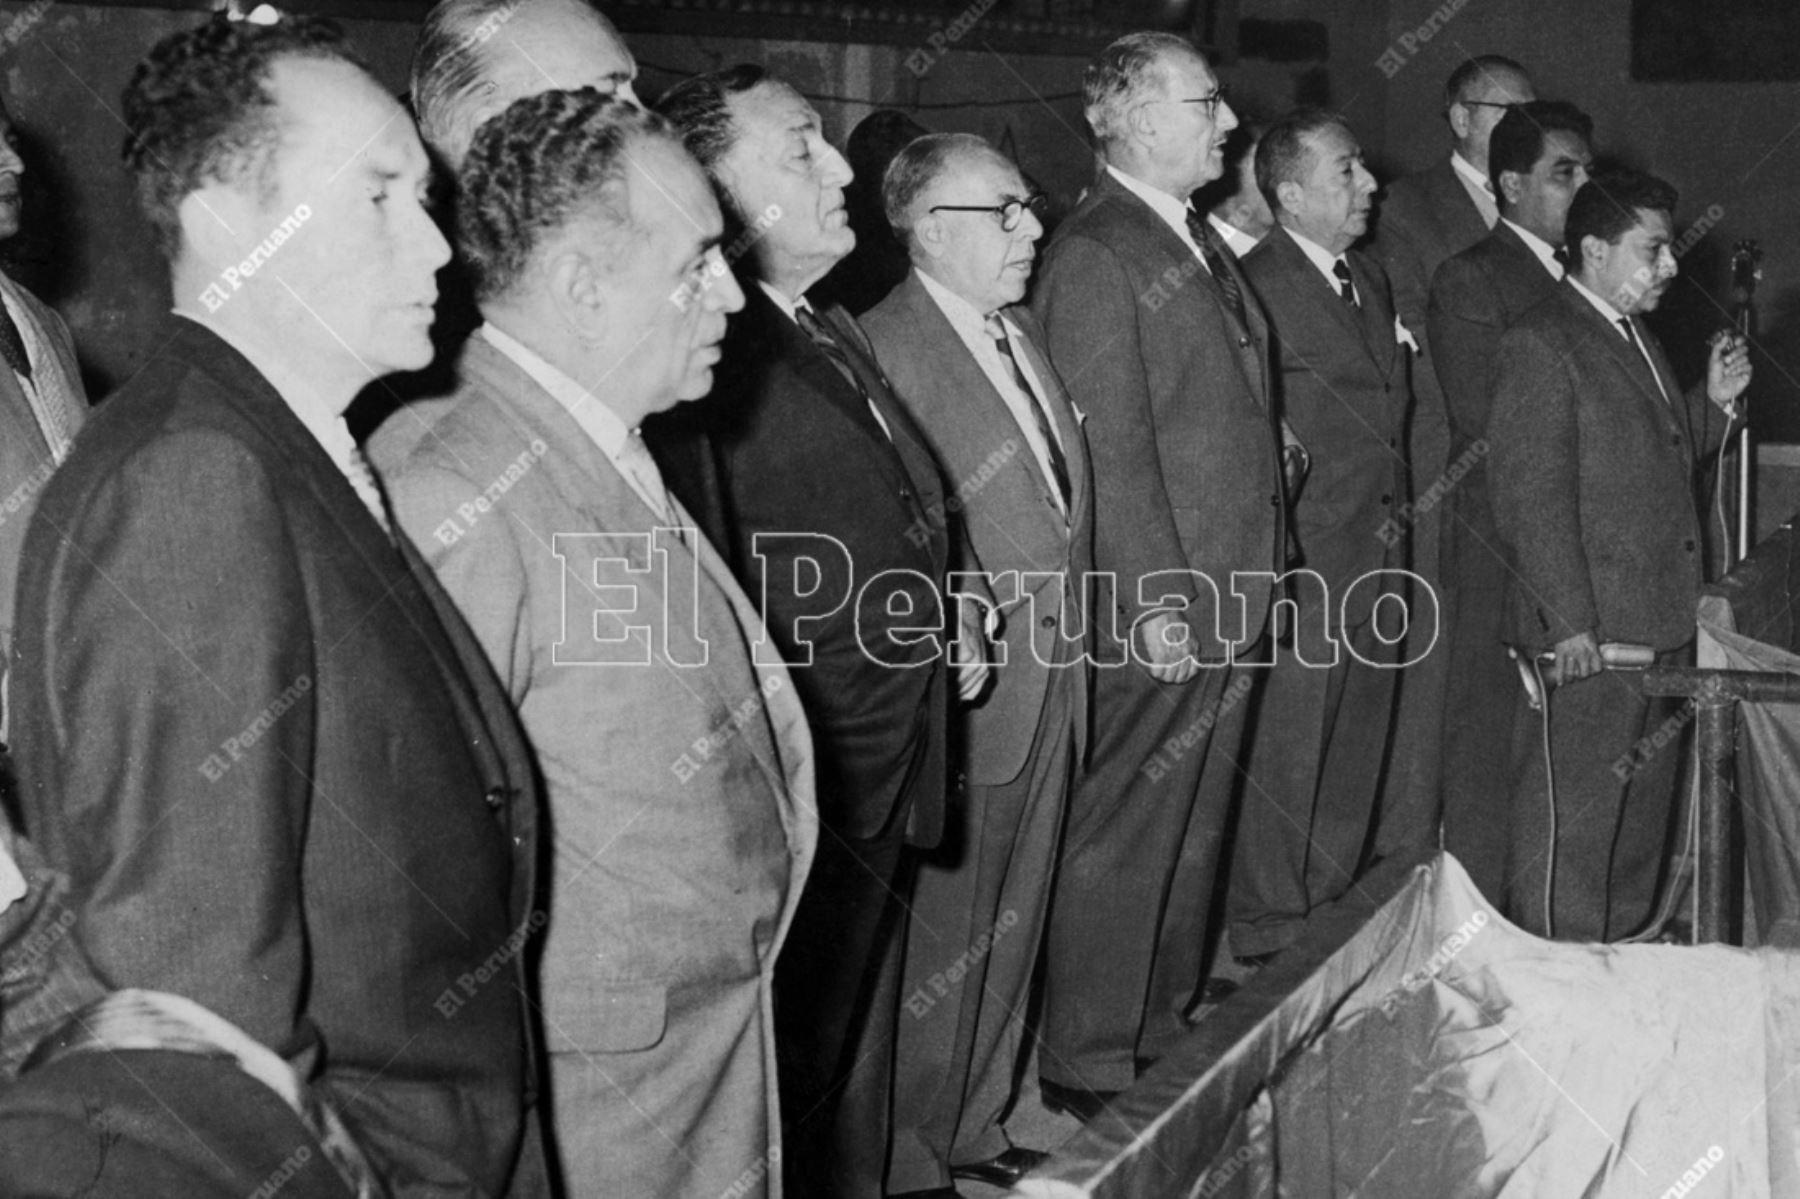 Lima - 4  julio 1962 / Víctor Raúl Haya de la Torre junto a Ramiro Prialé y Luis Alberto Sánchez y  los principales dirigentes del Partido Aprista Peruano en una convención extraordinaria en la Casa del Pueblo. Foto: Archivo Histórico de El Peruano